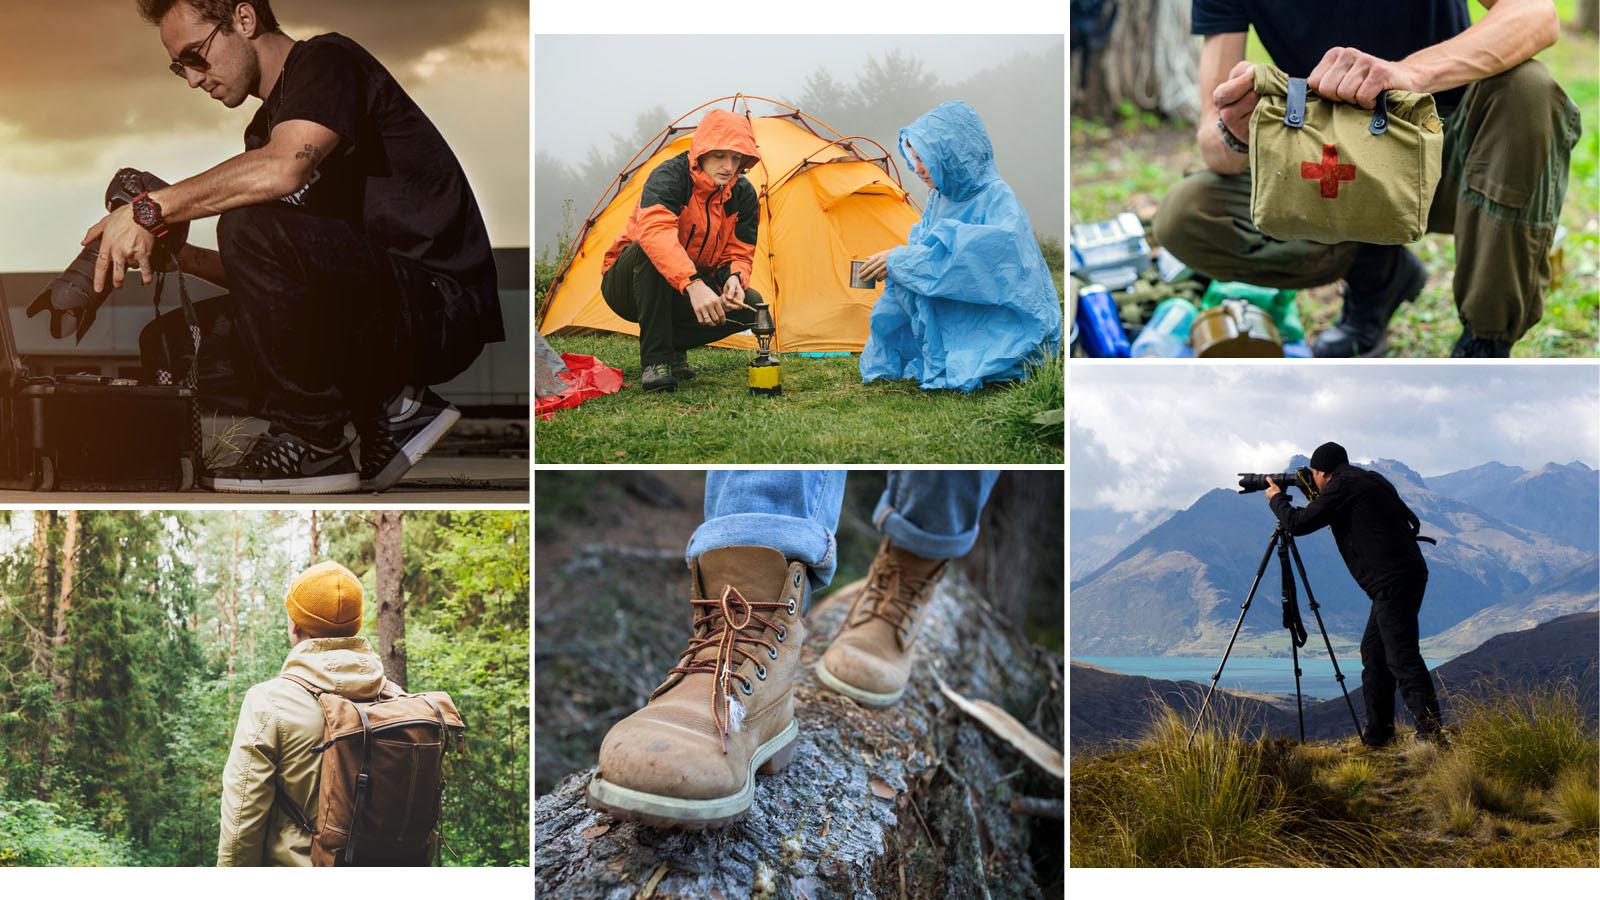 pelican consumer blog camera outdoor preparation